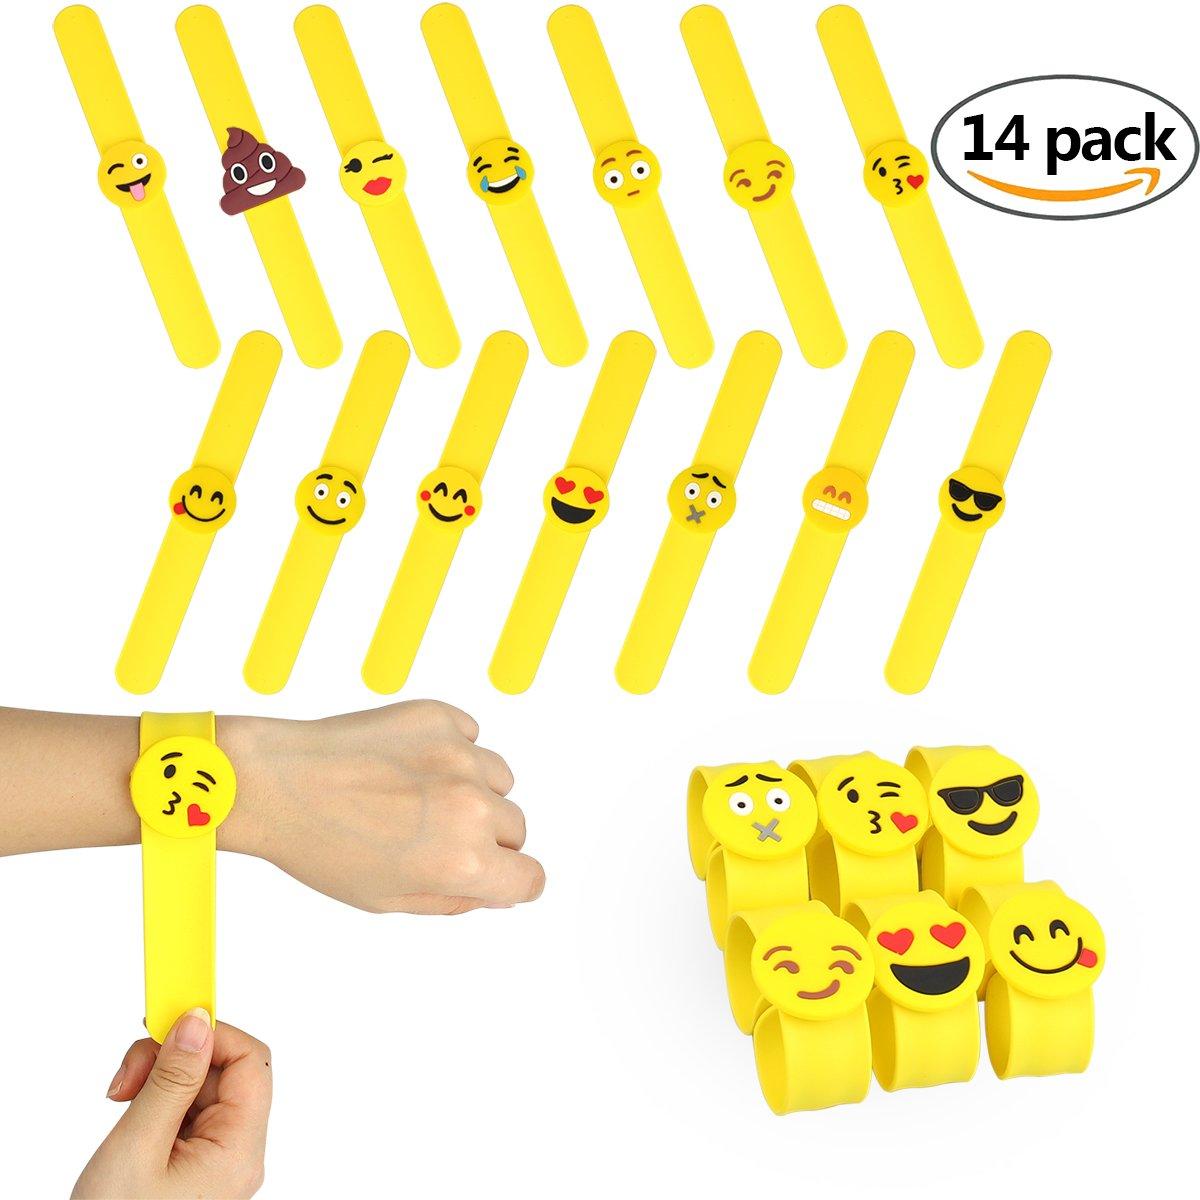 14 pcs Slap Bracelet Silicone Emoji Bracelets Claquer en Caoutchouc Fournitures de Fête Party Mariage Cadeaux Jouets Fantaisie pour Récompenses de Classe d'Ecole CDKJ